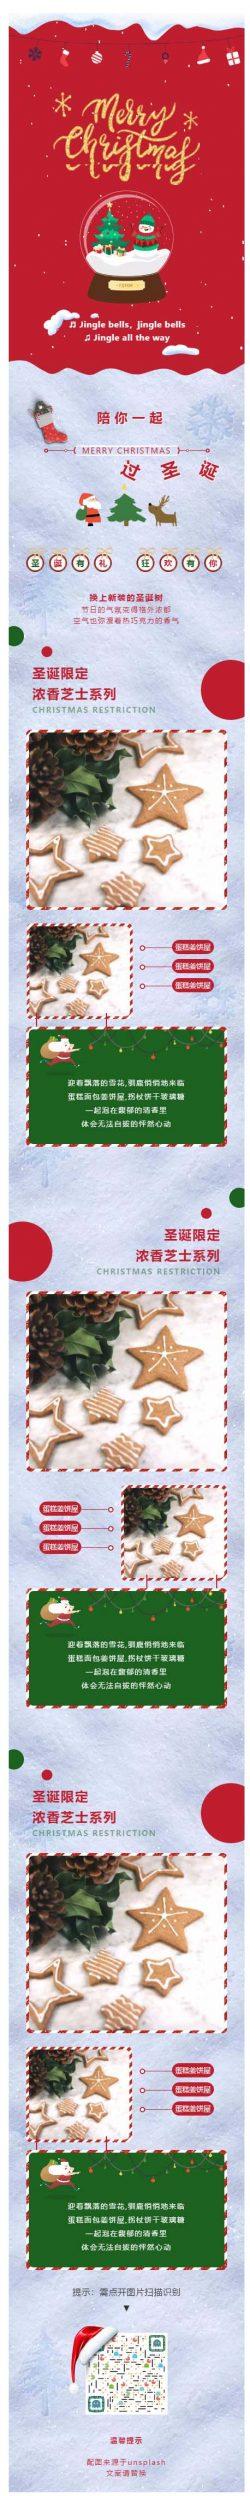 圣诞节绿色红色飘雪动态背景微信公众号推送图文模板公众号优秀推文素材